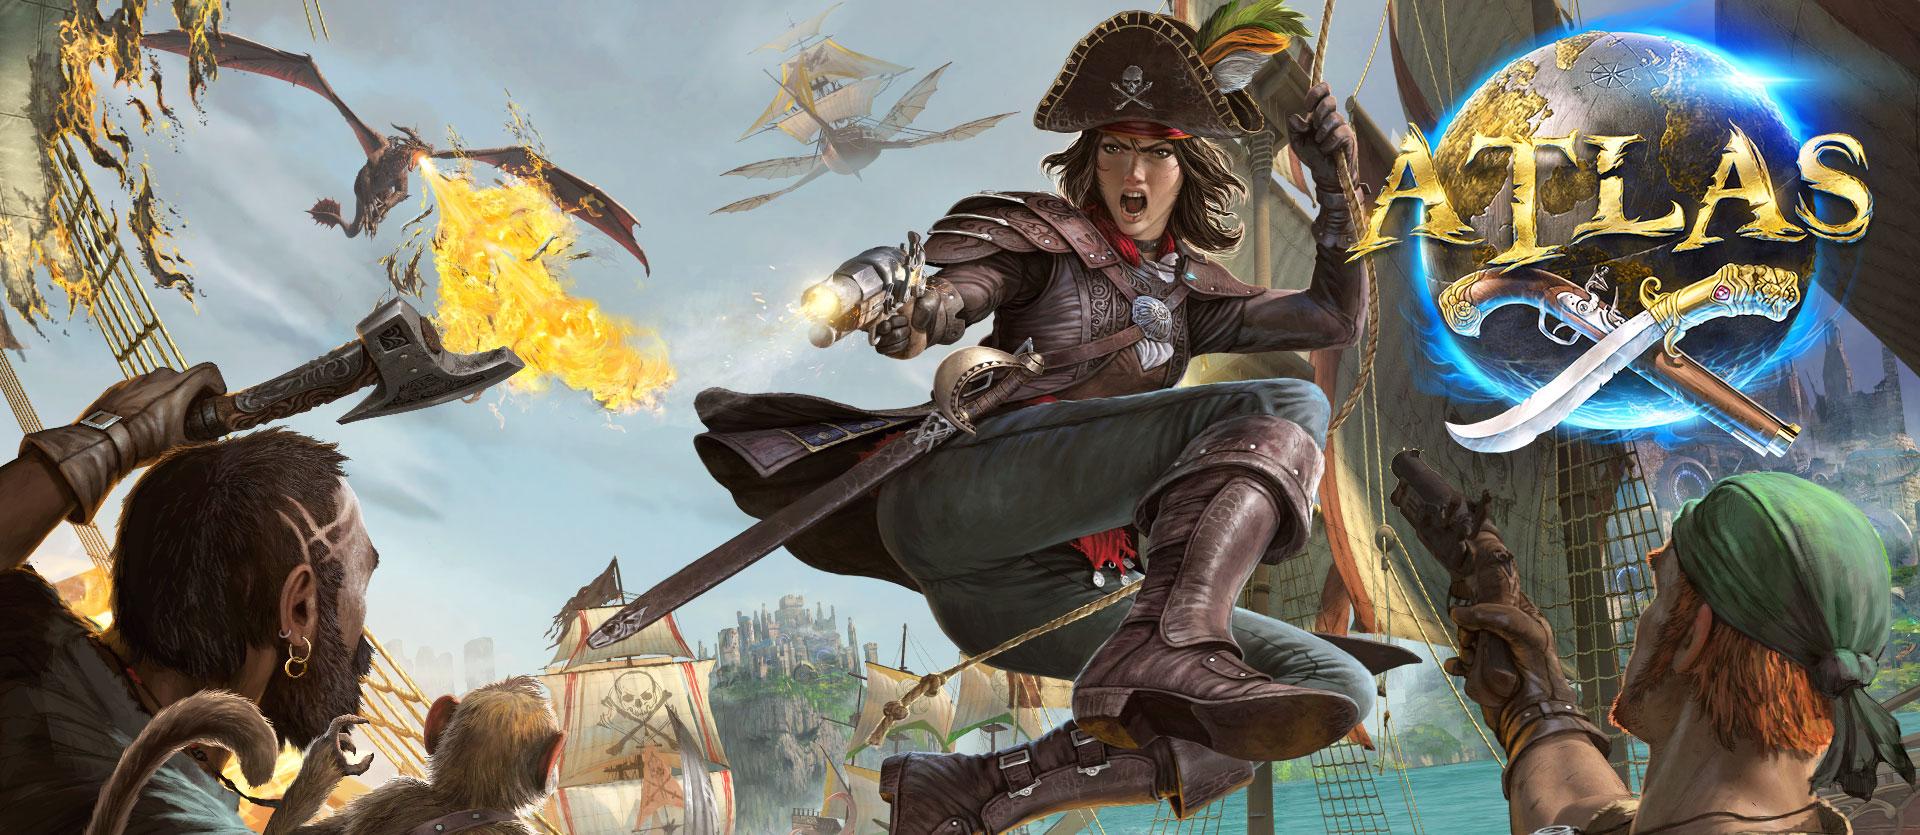 Logo Atlas, personnage féminin sur une corde attaquant deux autres personnages avec des armes et un singe, avec un navire volant et un dragon crachant du feu en arrière-plan